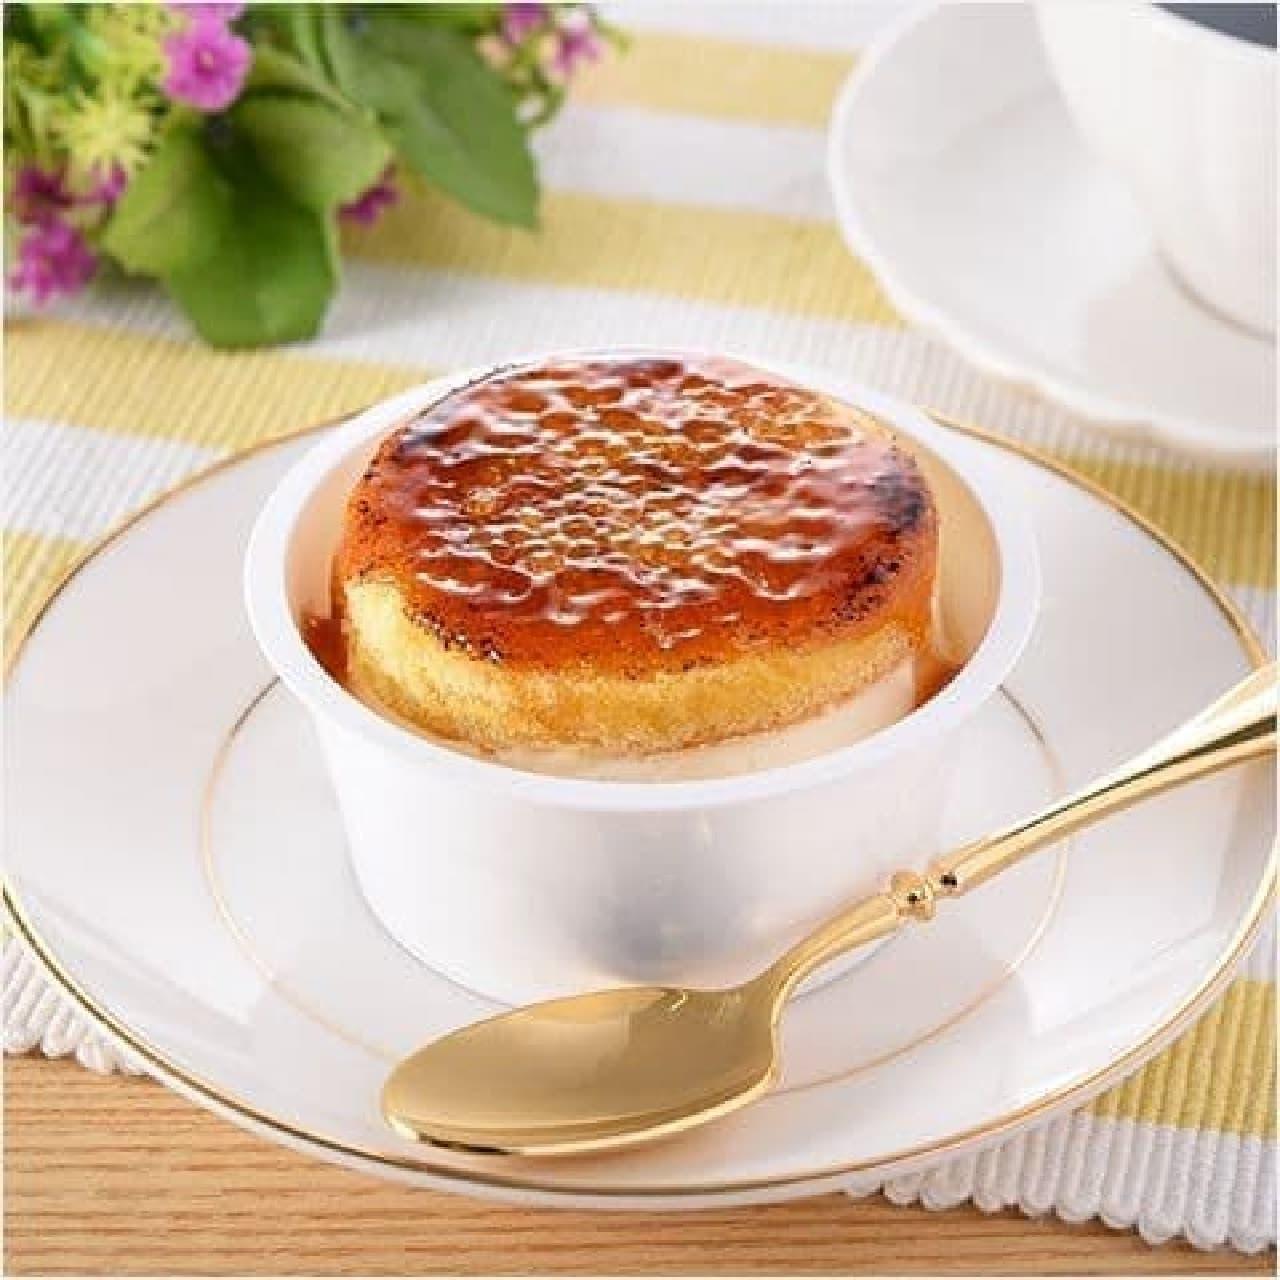 ファミリーマート「4種チーズのブリュレチーズケーキ」